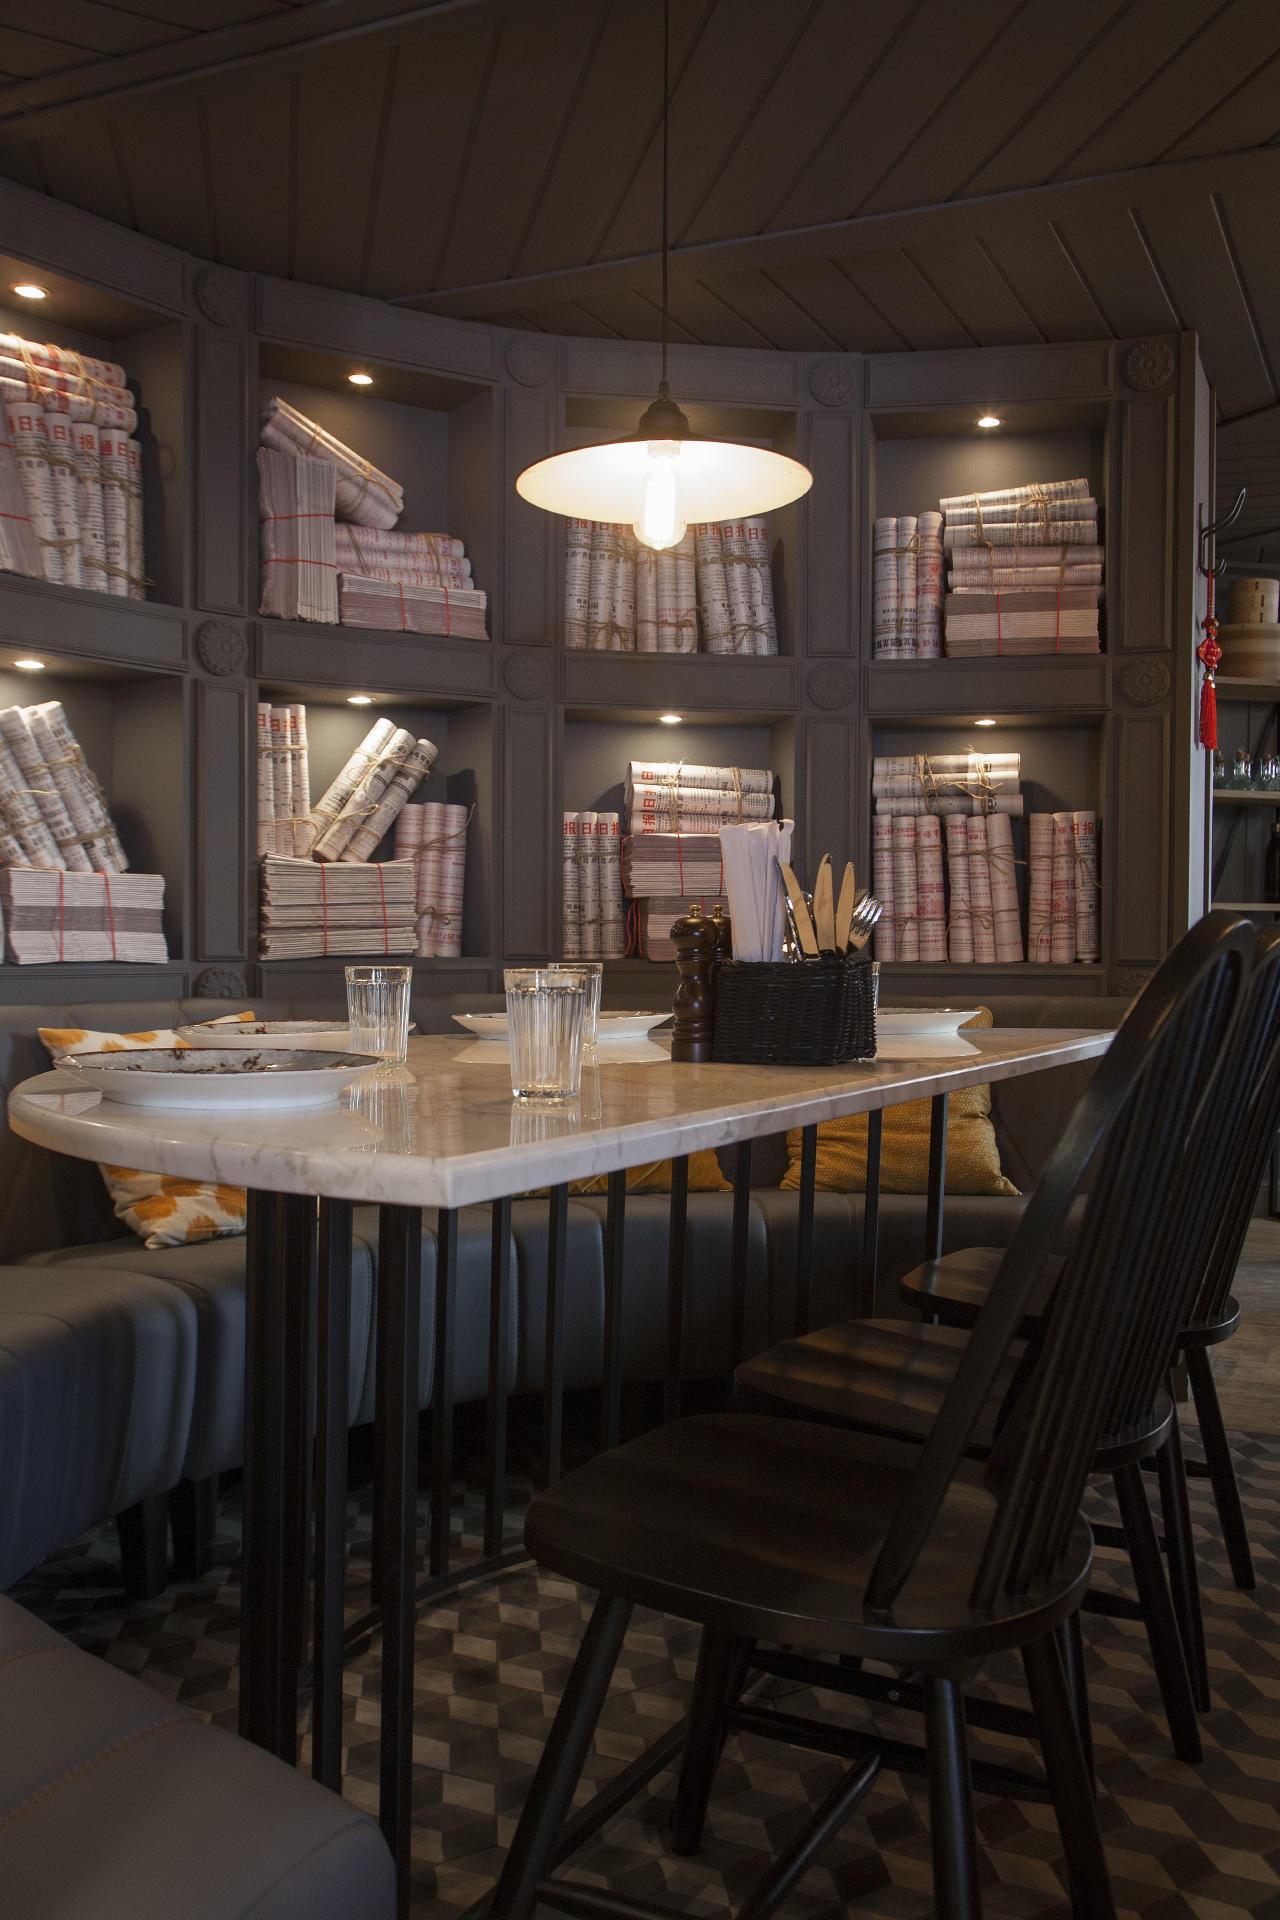 Китайский Ресторан Ходя-Ходя (Hodia-Hodia) фото 16